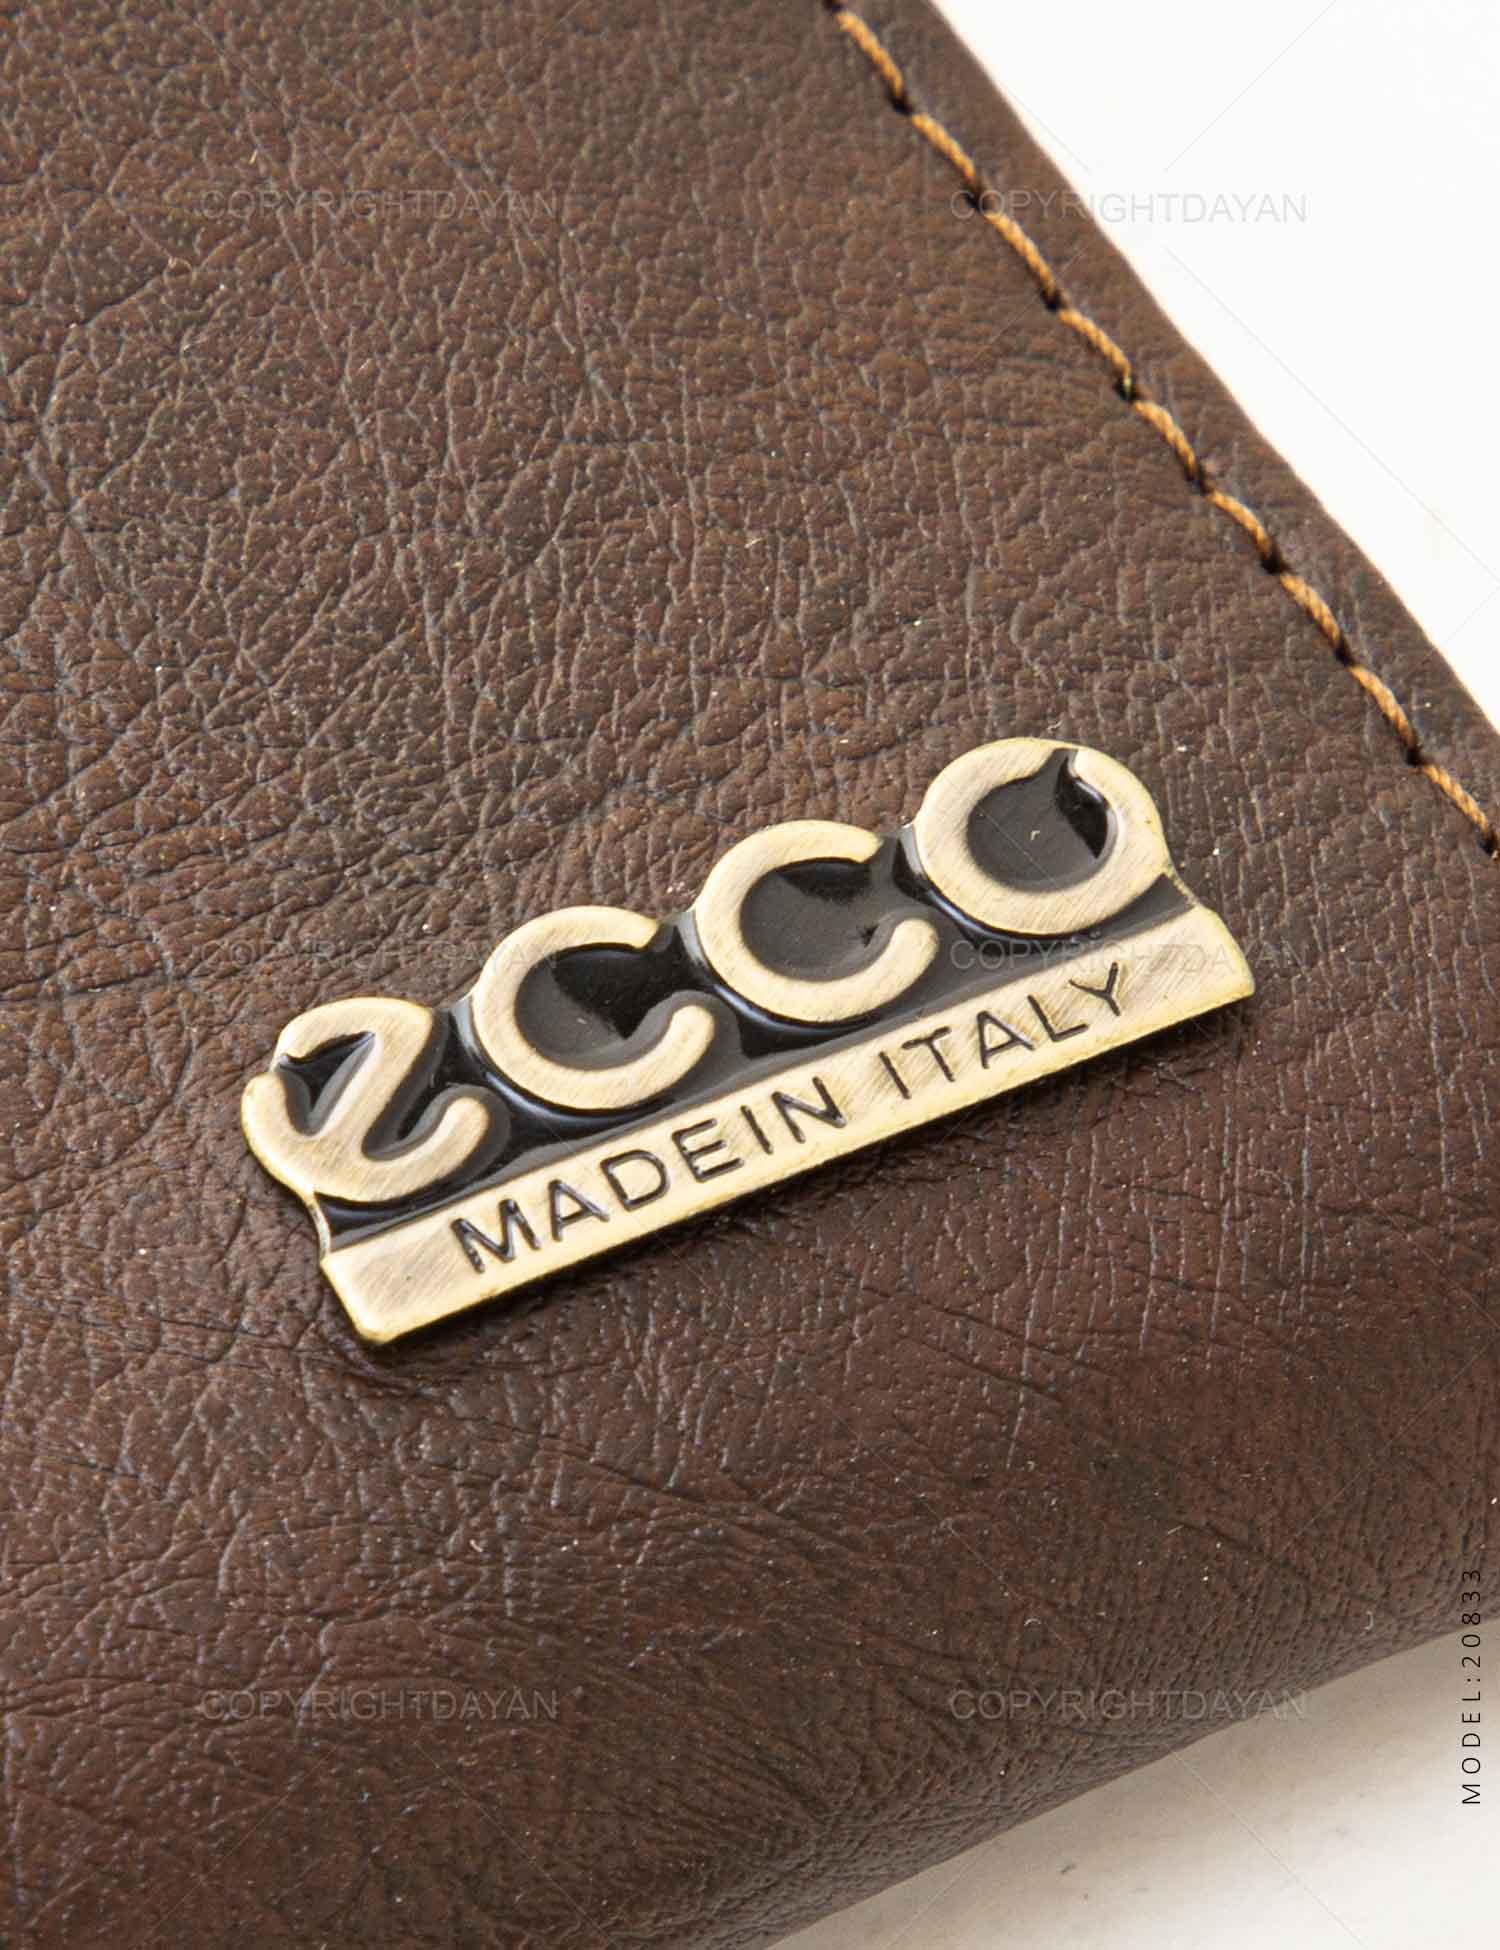 ست چرمی Ecco مدل 20833 ست چرمی Ecco مدل 20833 139,000 تومان